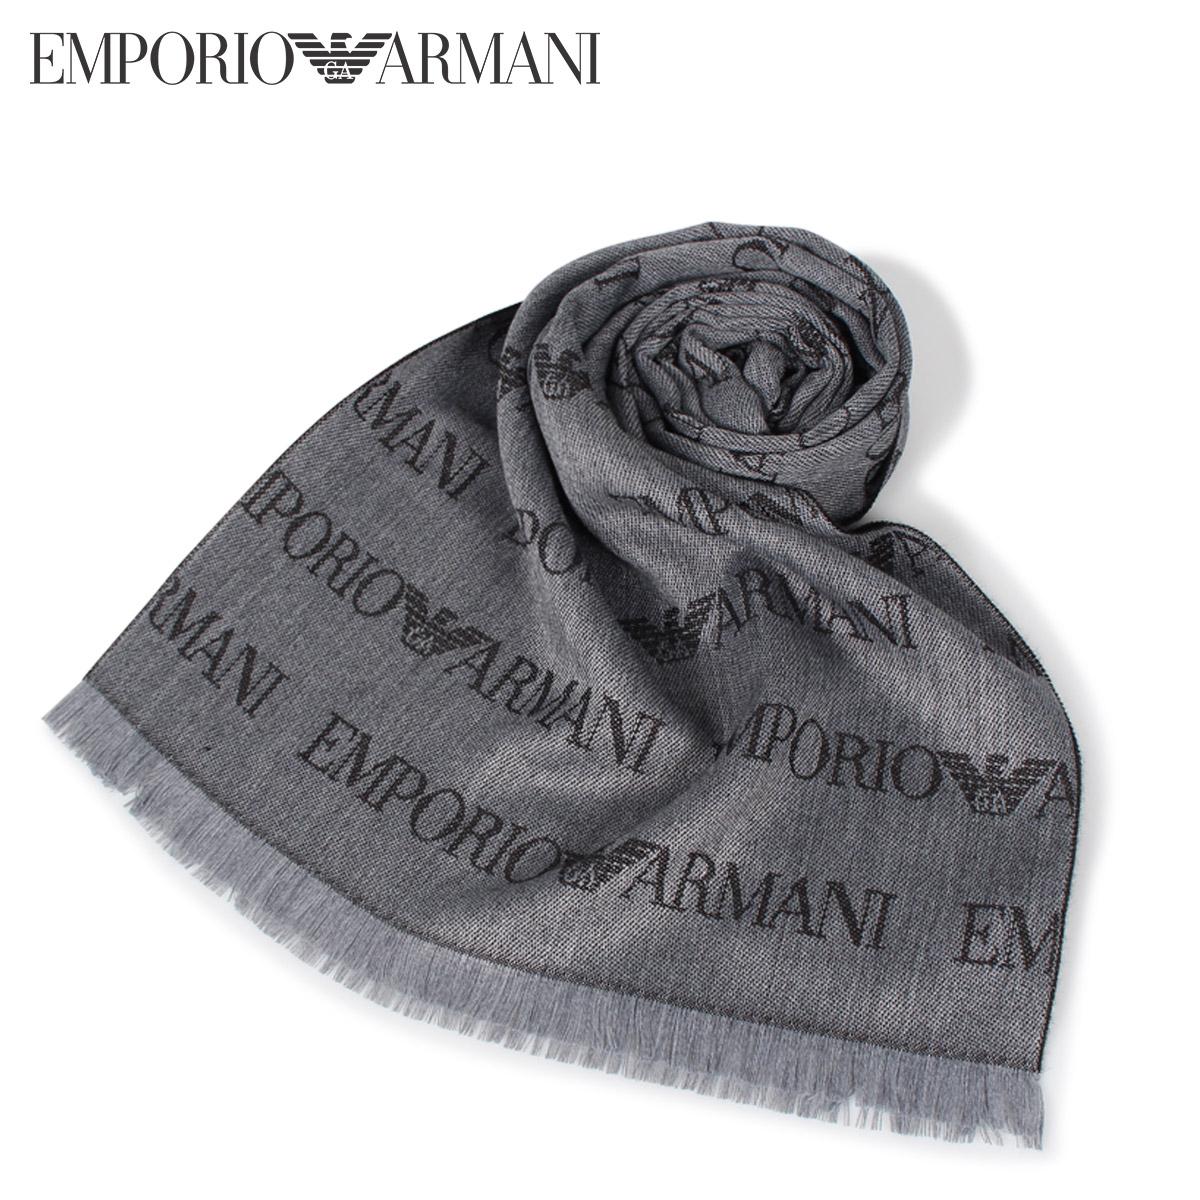 【送料無料】 【あす楽対応】 エンポリオアルマーニ EMPORIO ARMANI マフラー ストール EMPORIO ARMANI 625053 CC786 エンポリオアルマーニ マフラー ストール メンズ グレー